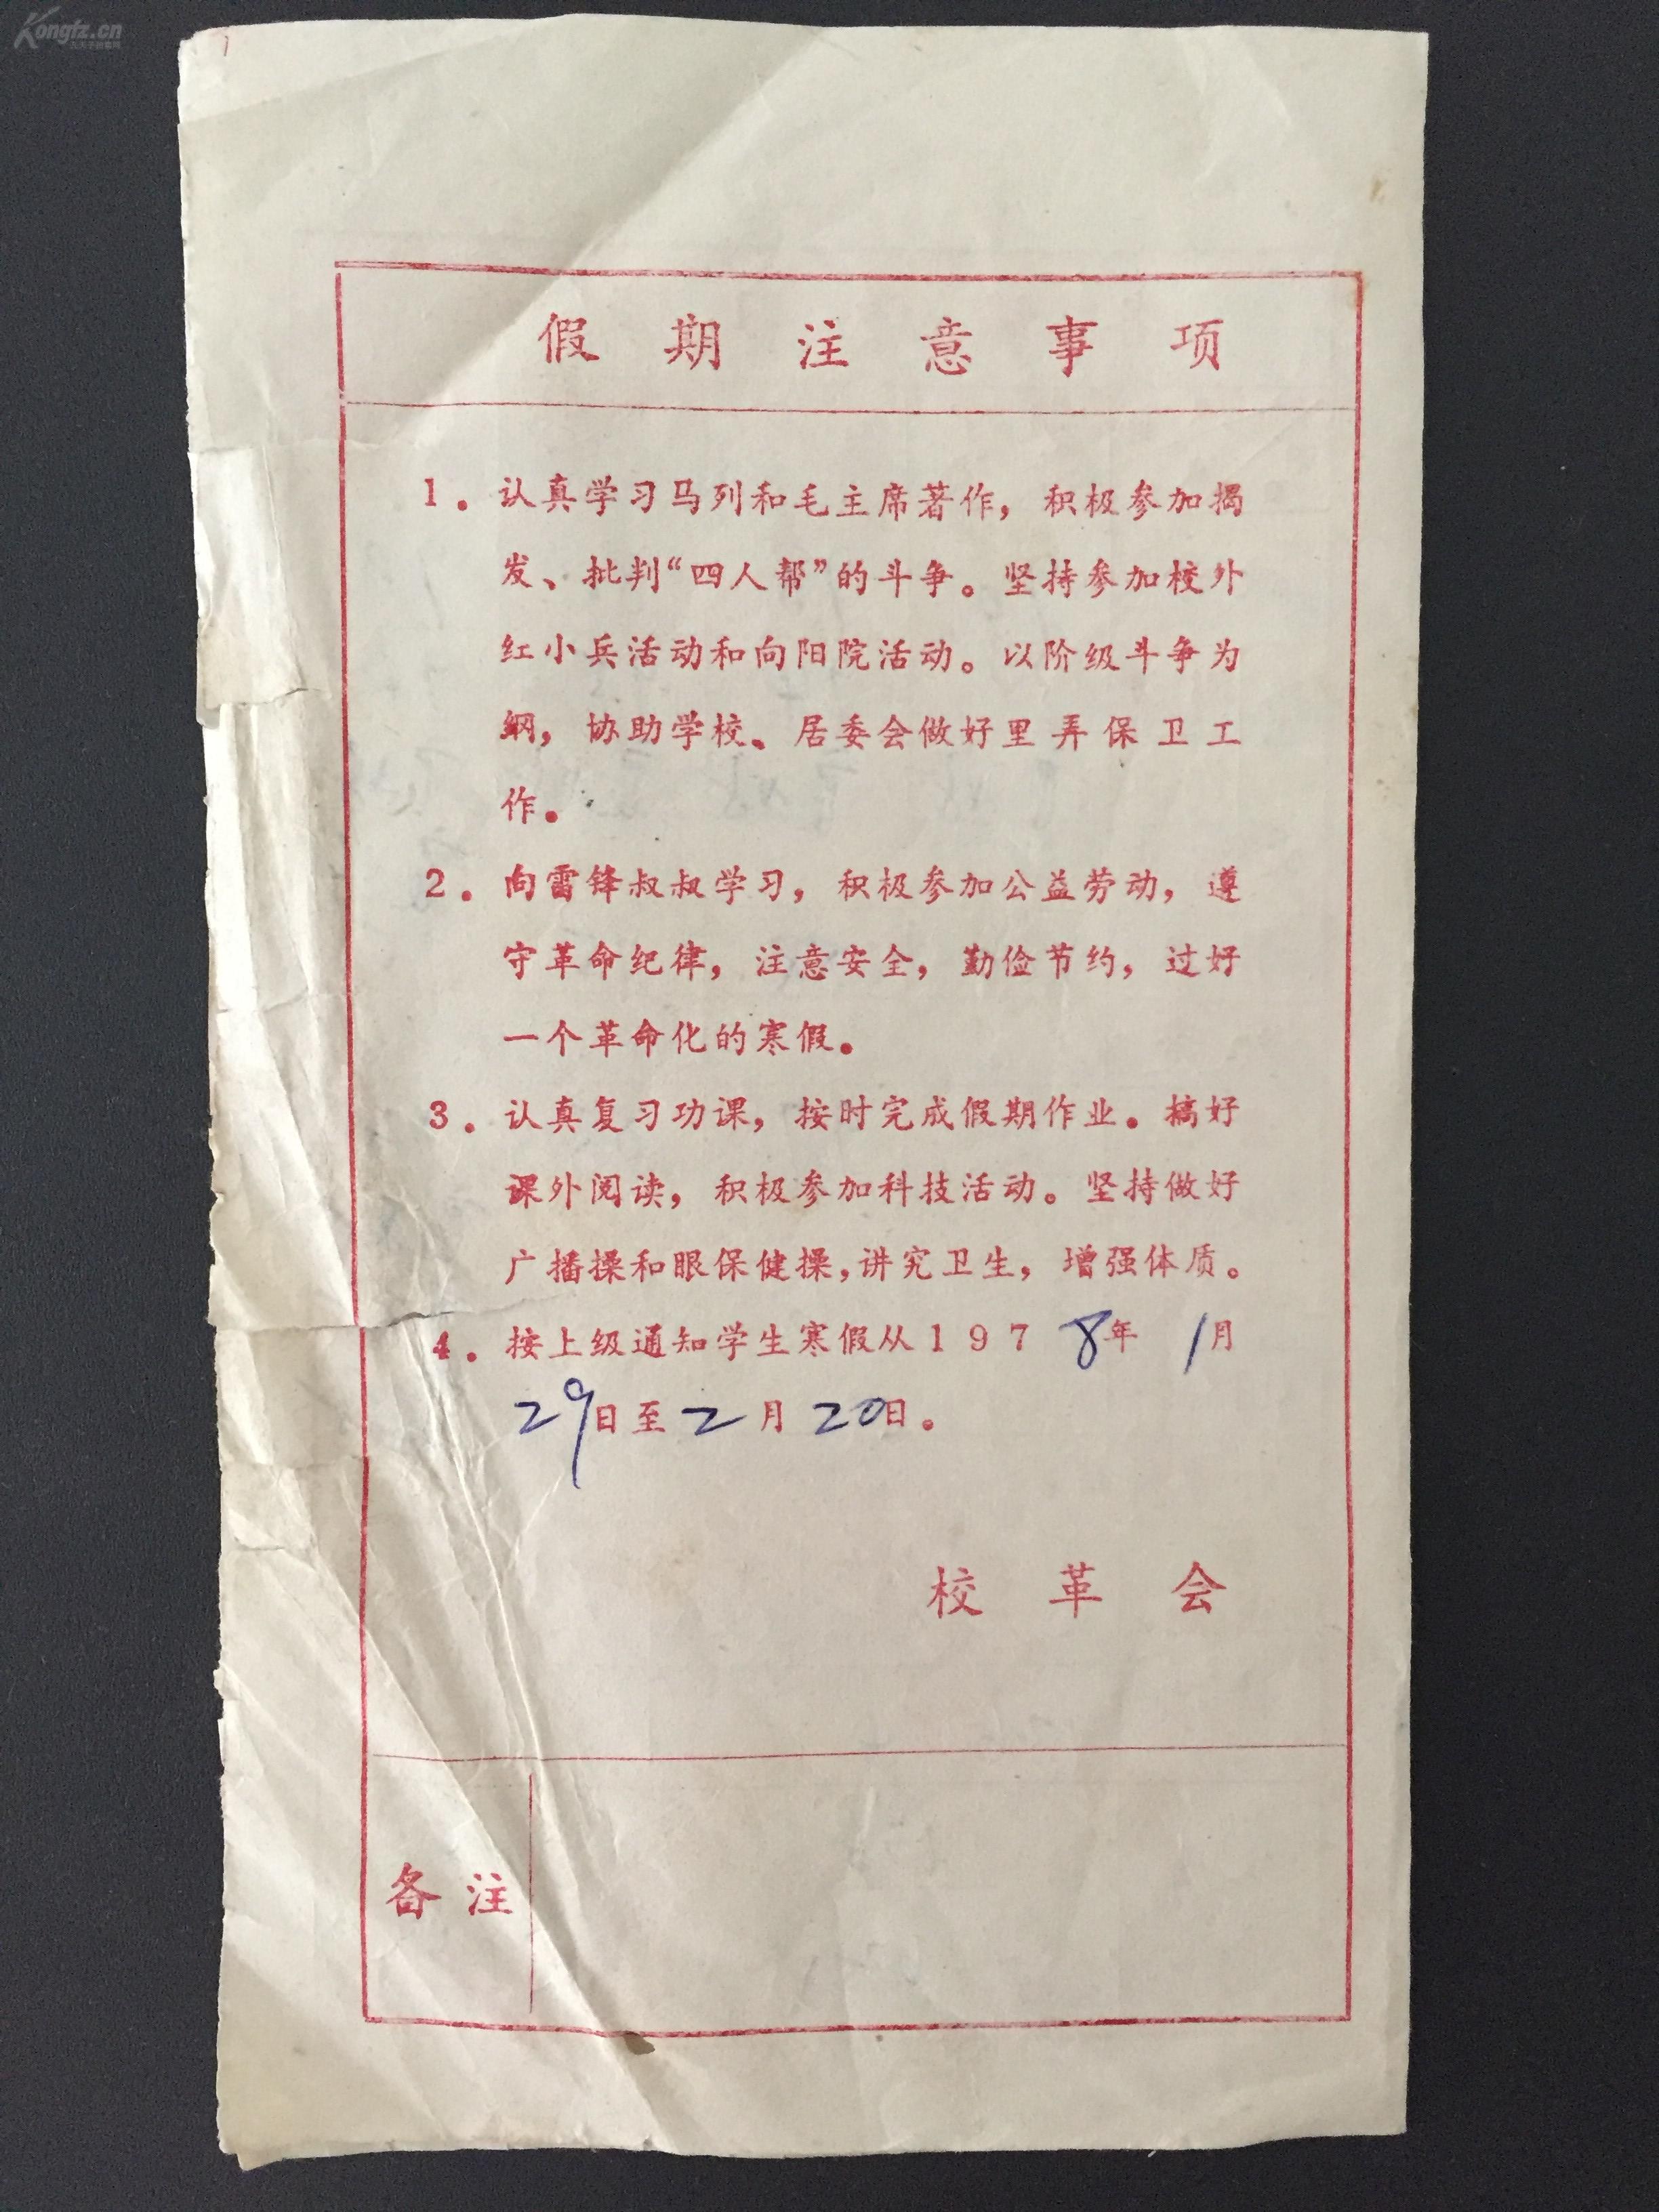 1979年带毛年级语录《苏州市南新路教案v年级北京二小学小学主席图片